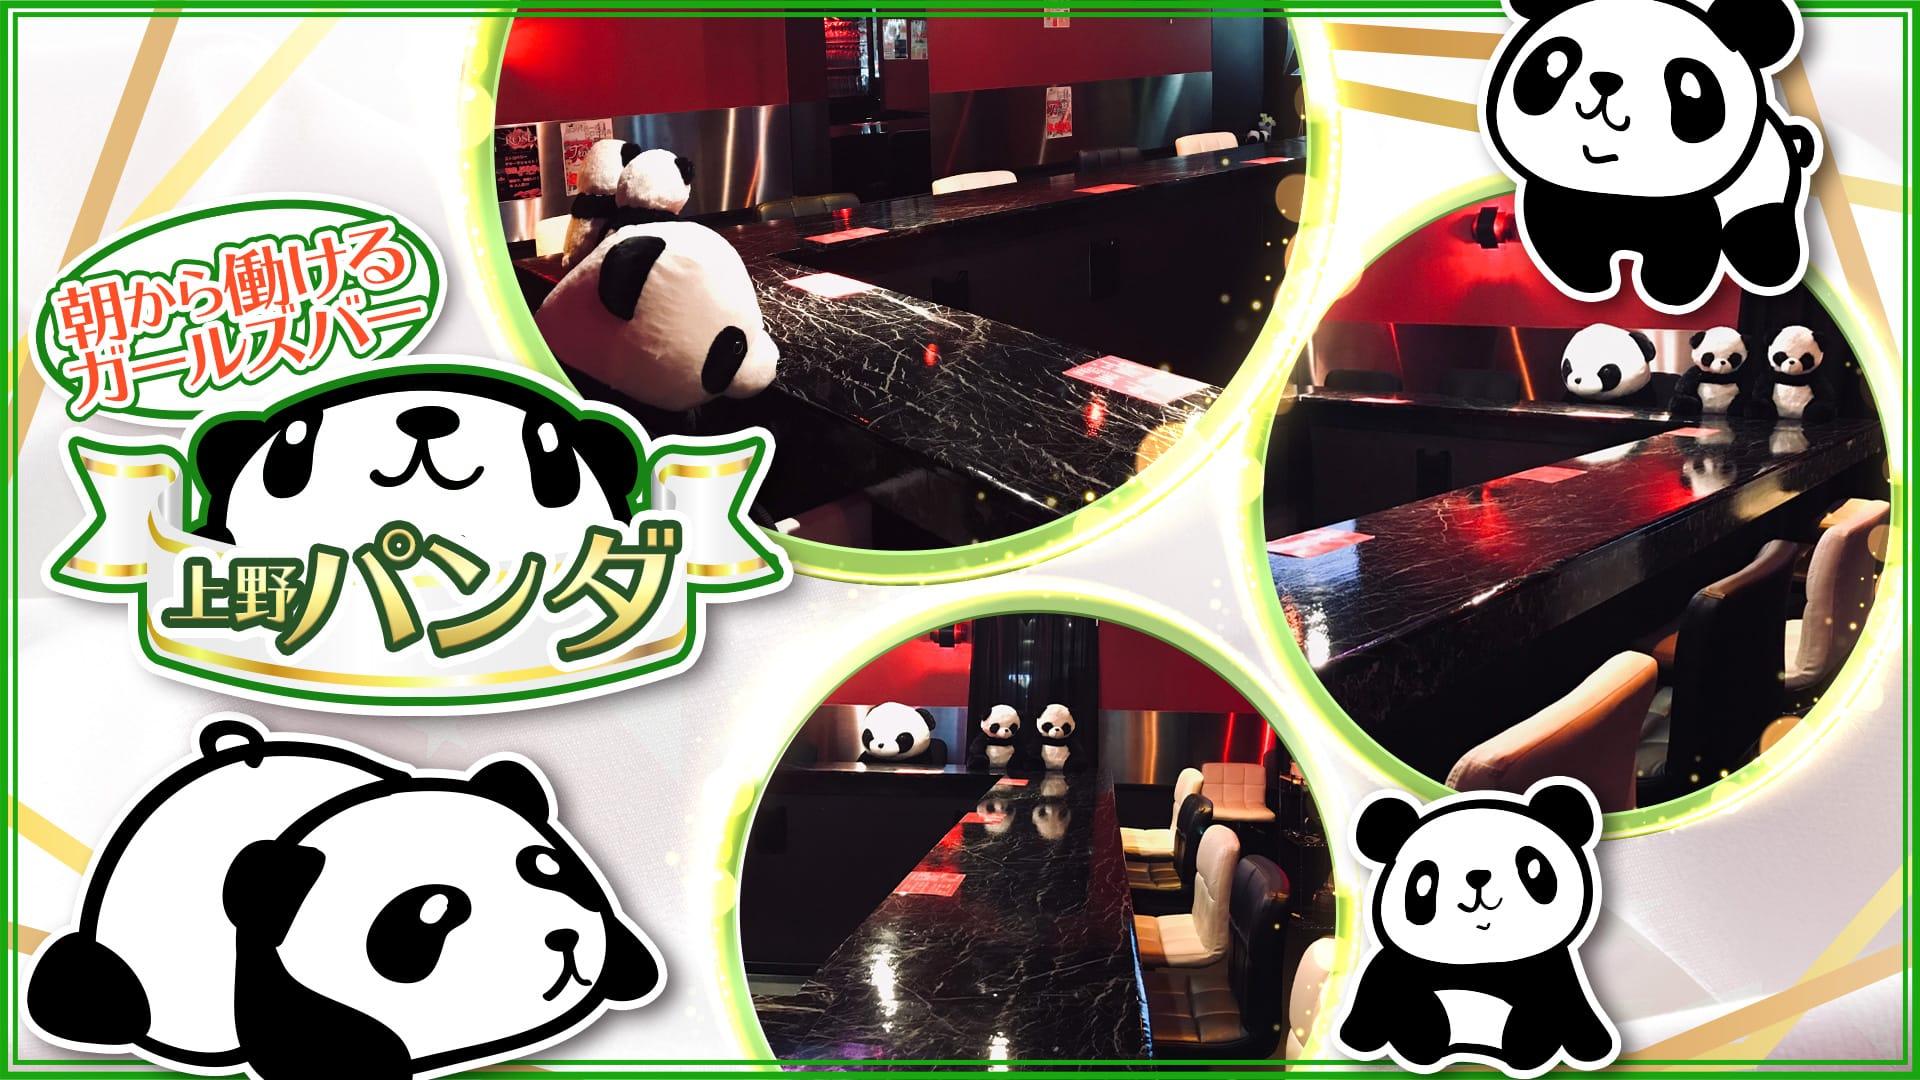 朝から働けるガールズバー 上野パンダ 上野ガールズバー TOP画像